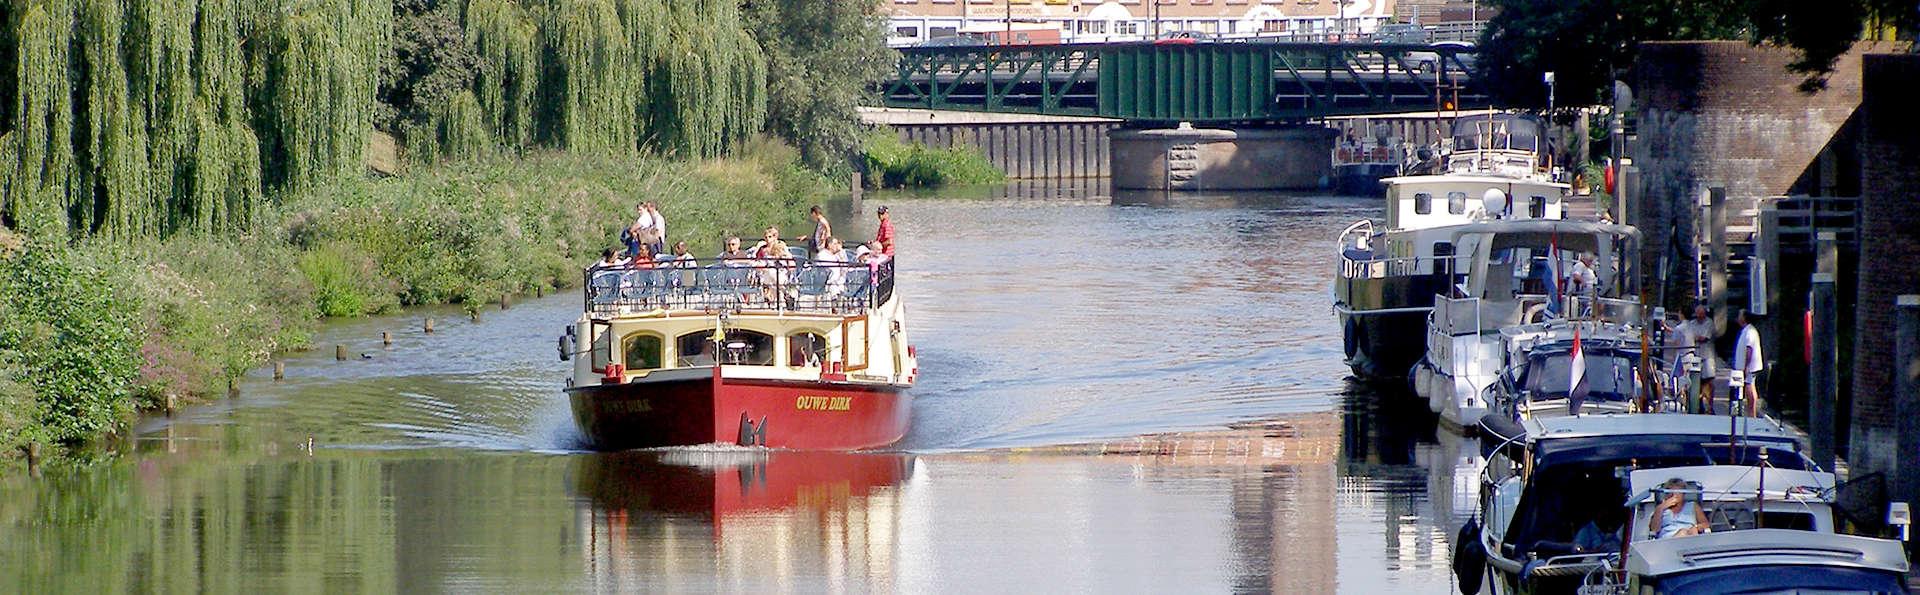 Overnacht in Oisterwijk en maak een uitstapje per boot naar Den Bosch